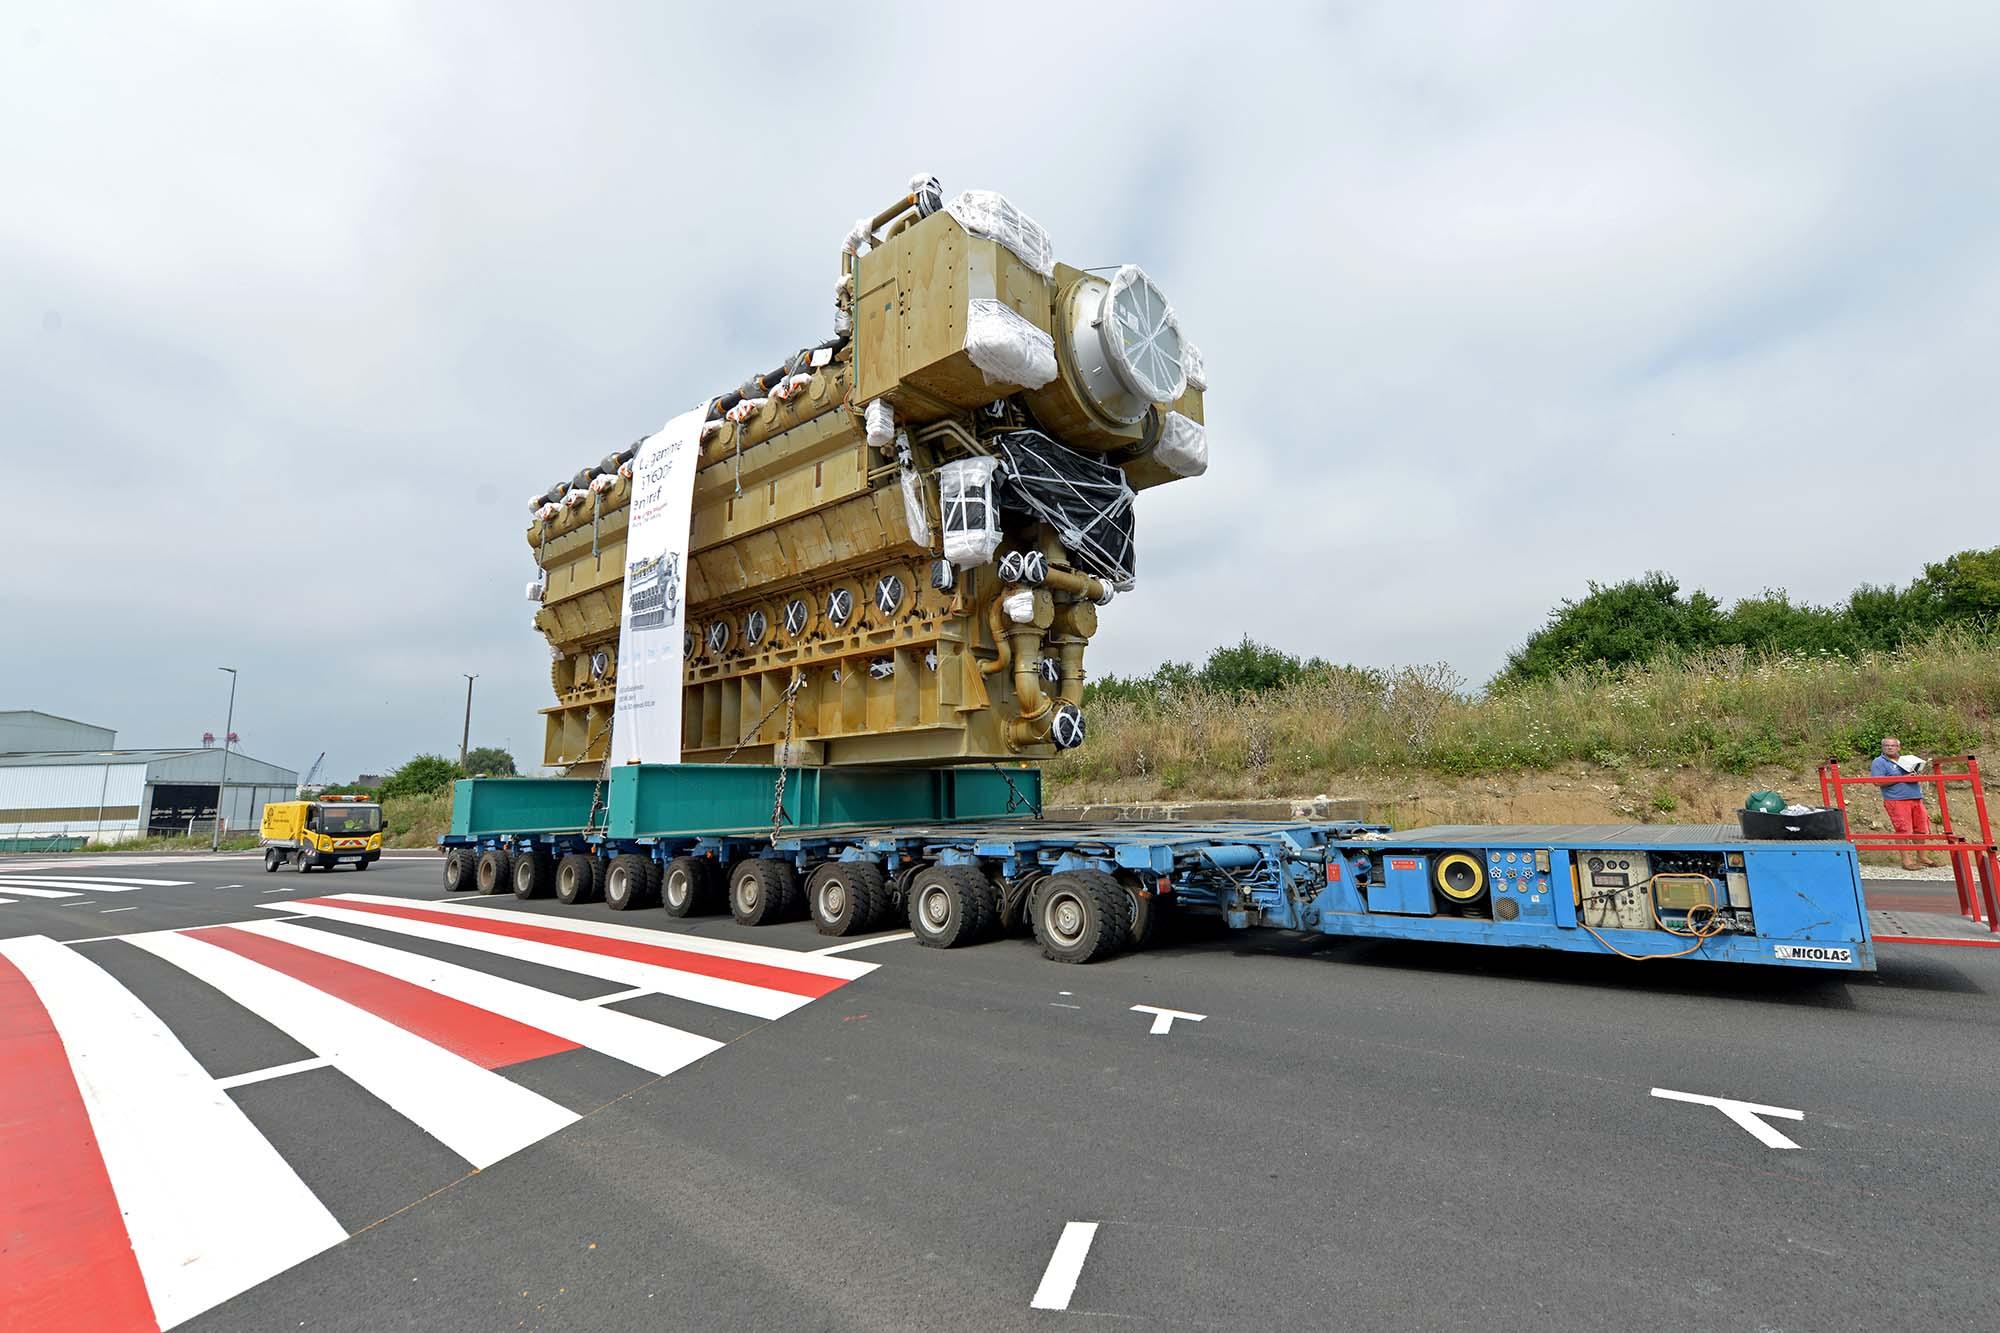 Moteur de centrale électrique de 320 tonnes (©Ville de Saint-Nazaire - Martin Launay)